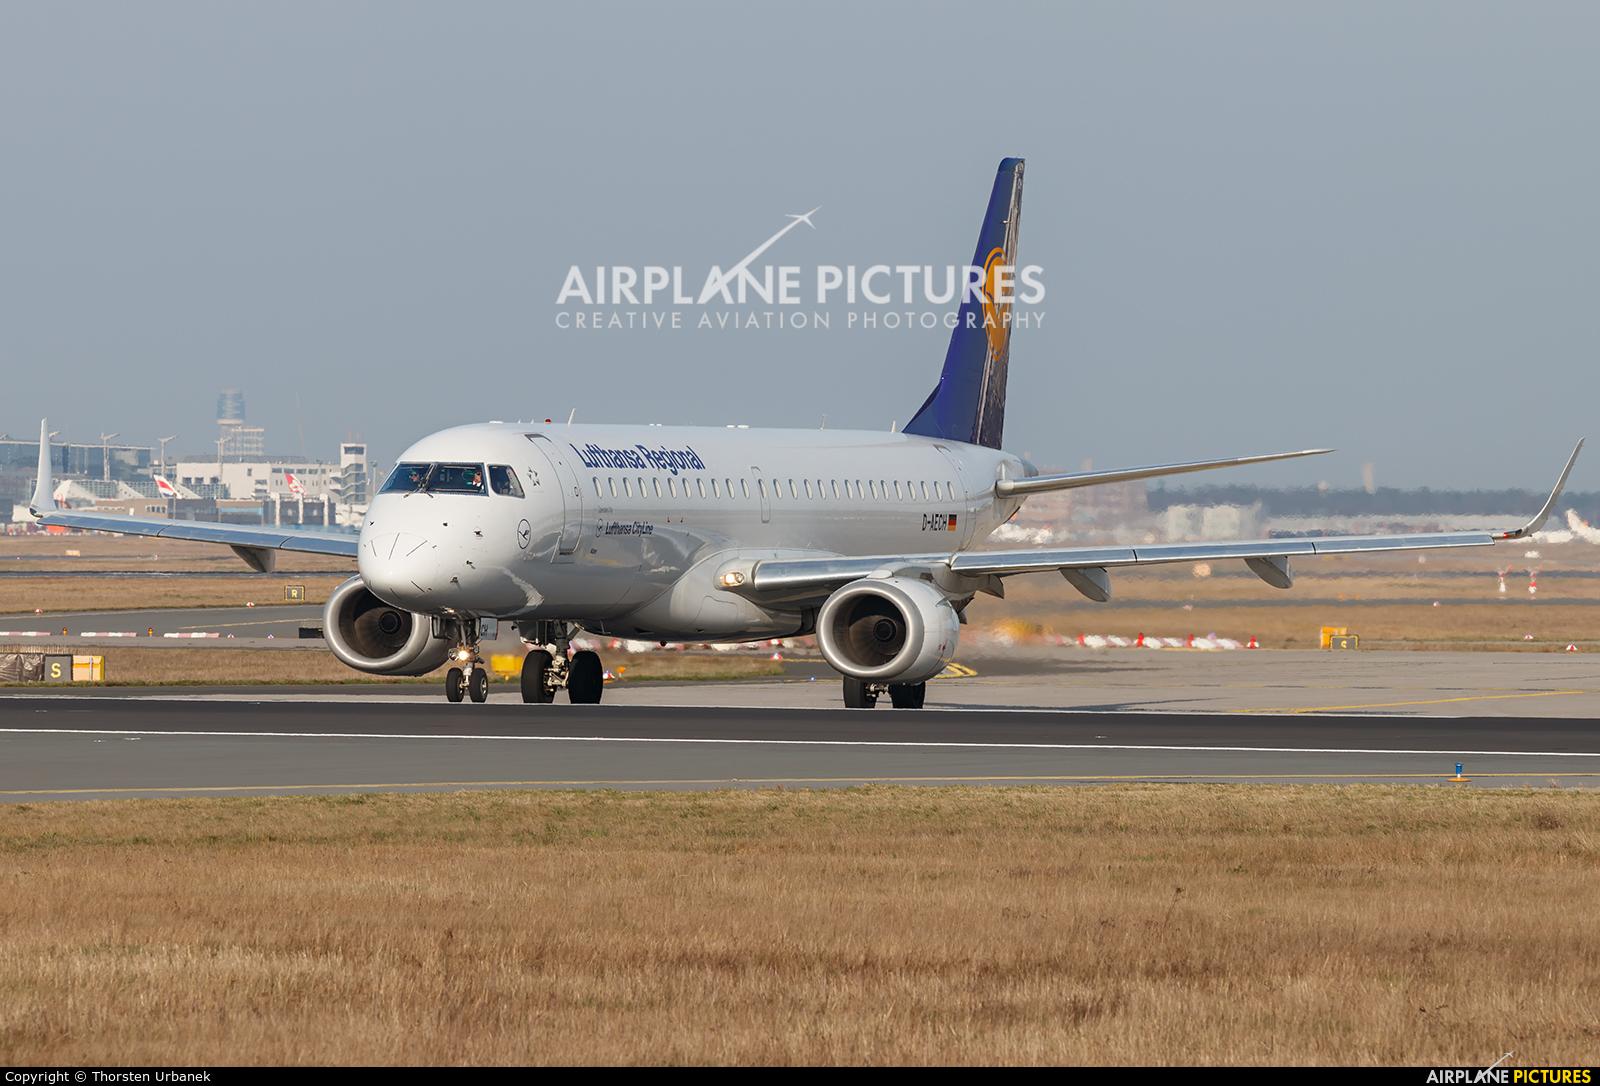 Lufthansa Regional - CityLine D-AECH aircraft at Frankfurt